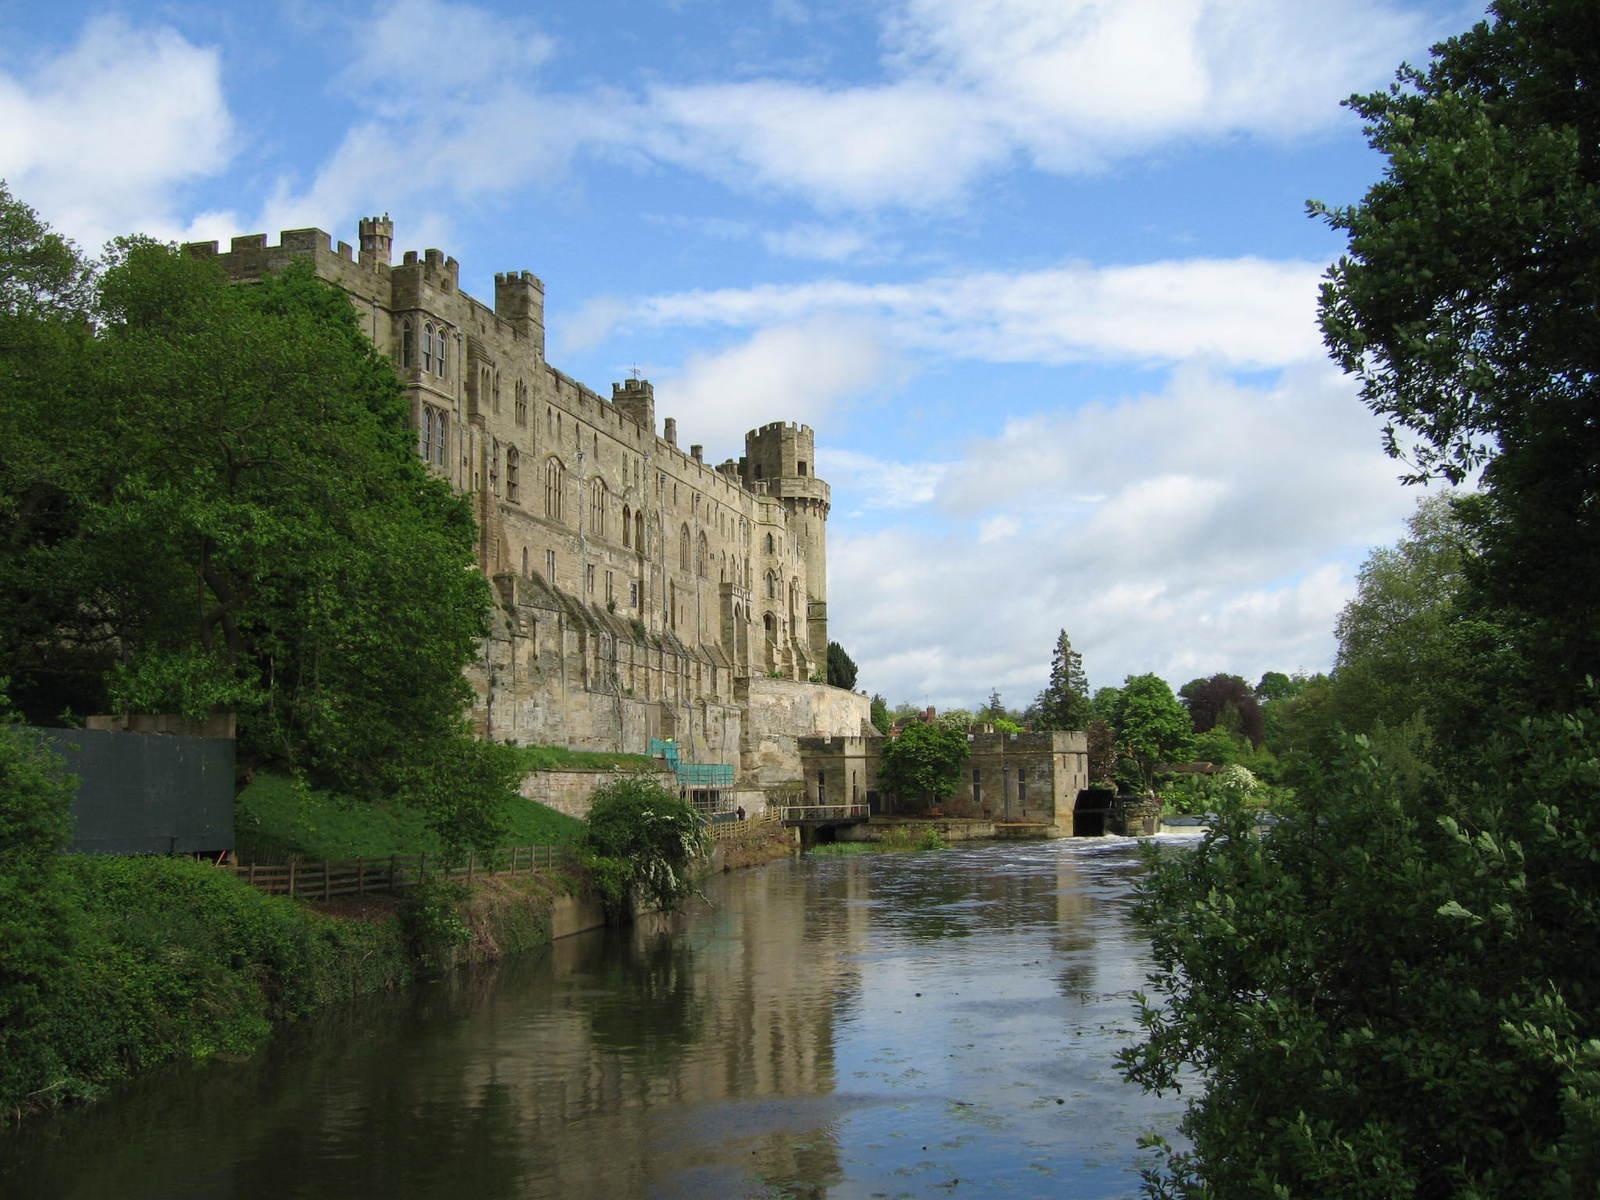 warwick-castle-england-2-1221721